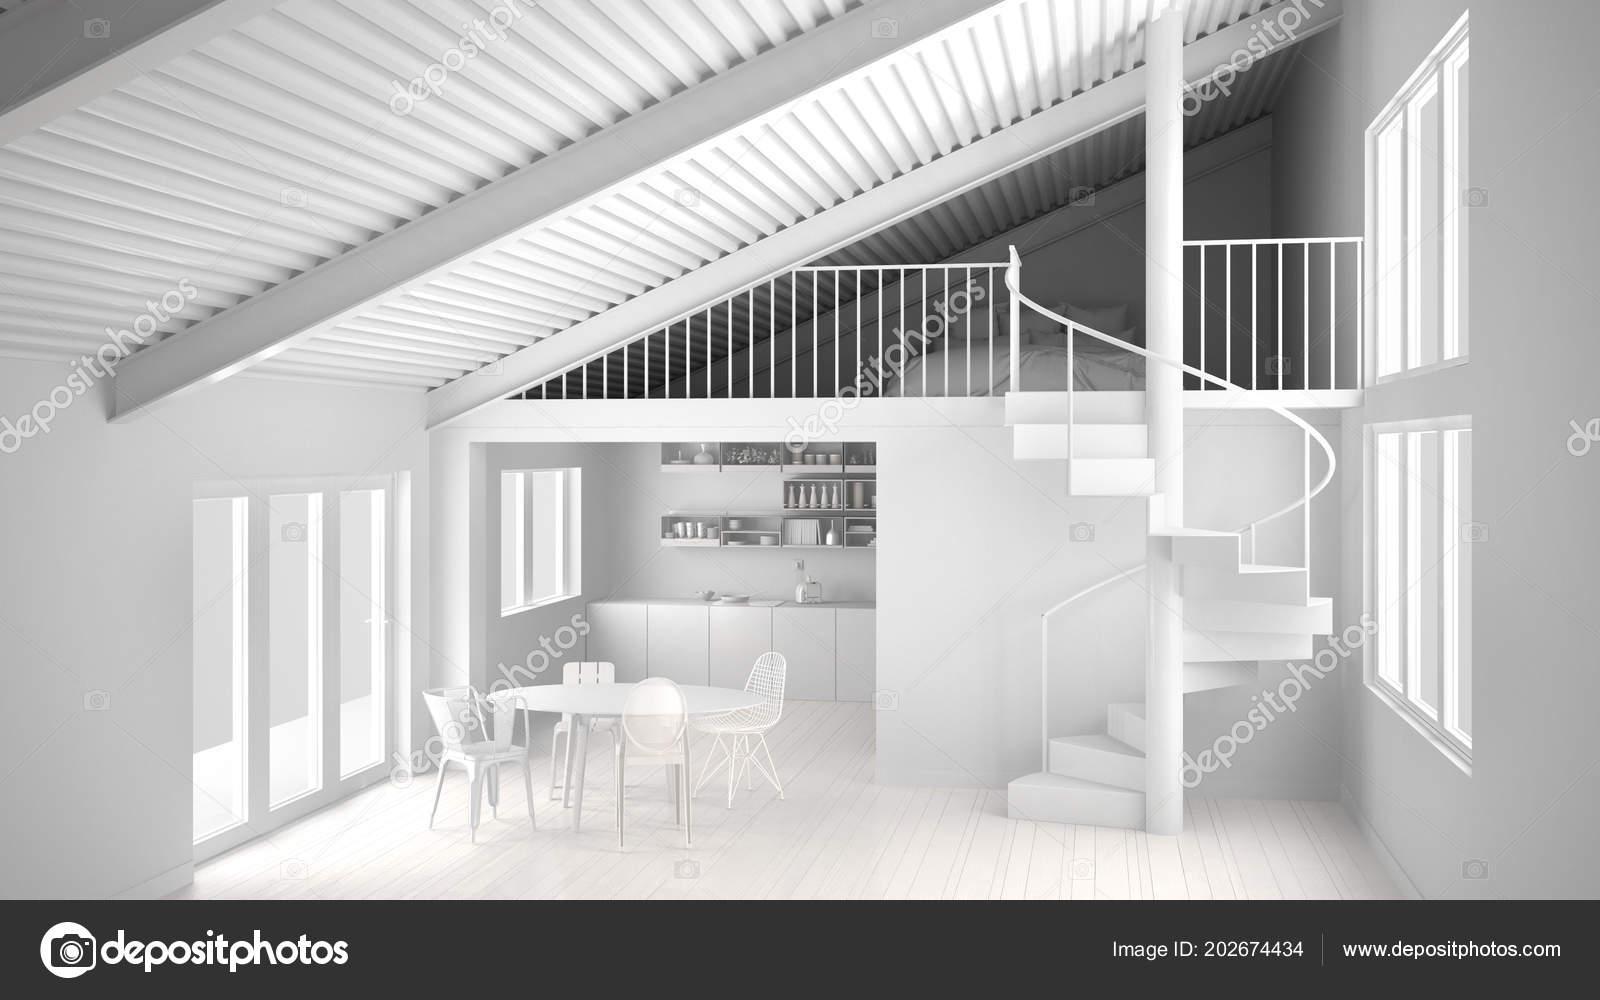 Total Weiße Projekt Minimalistische Weiße Küche Mit Mezzanine Und ...